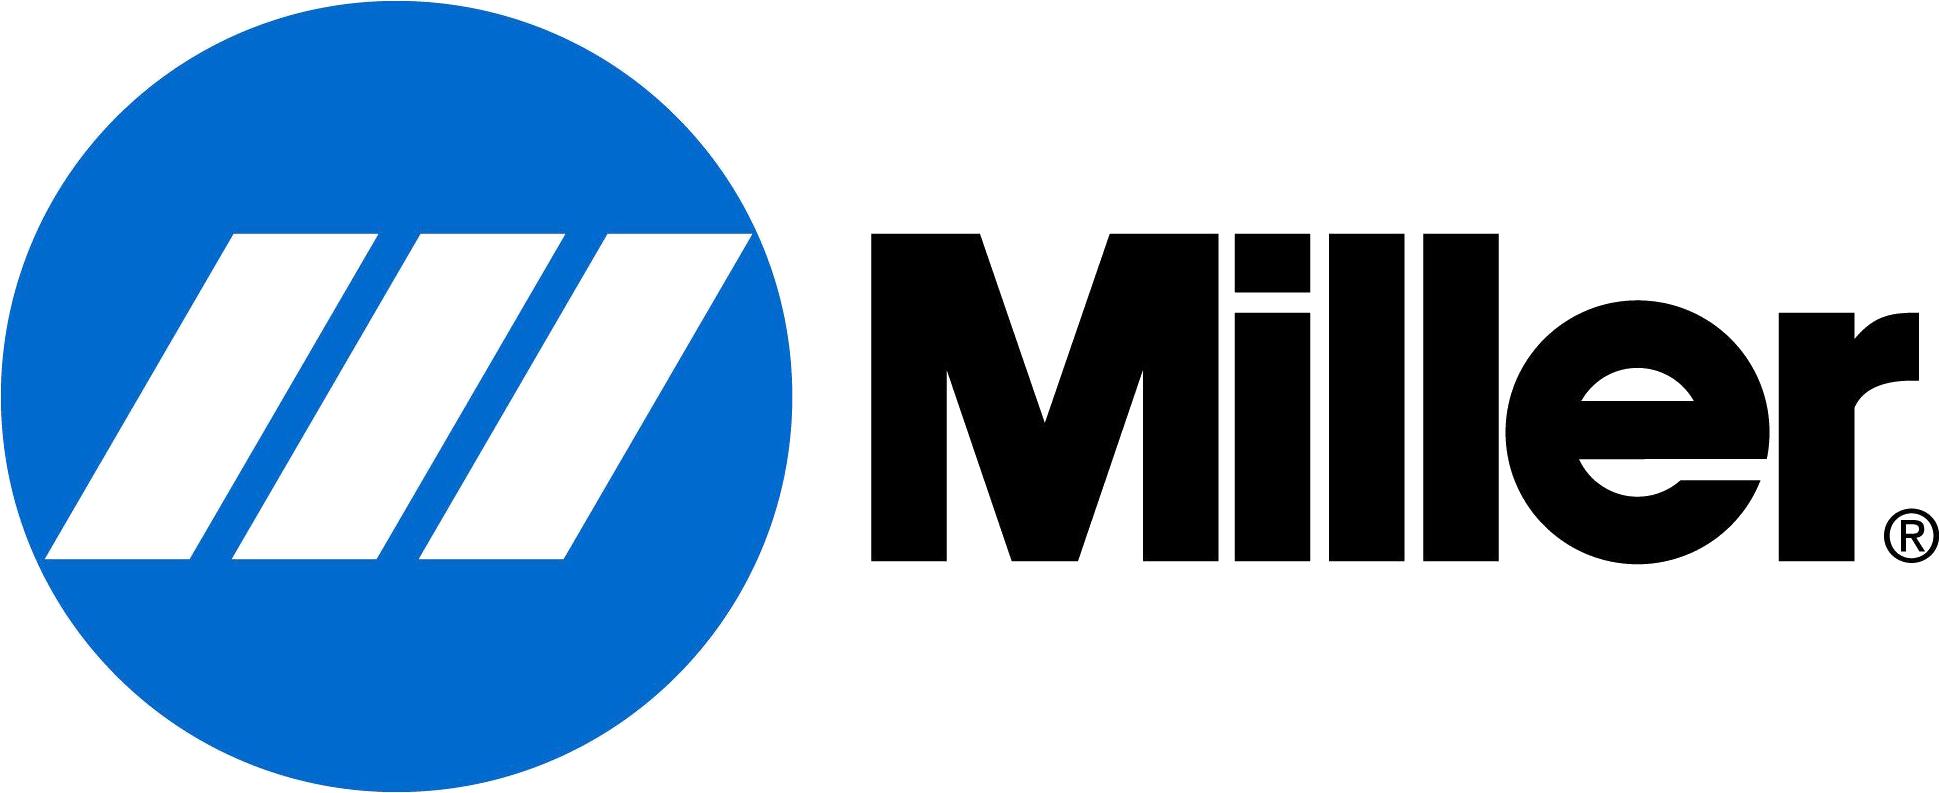 Miller Welding Logo - Tomag Enterprises Limited